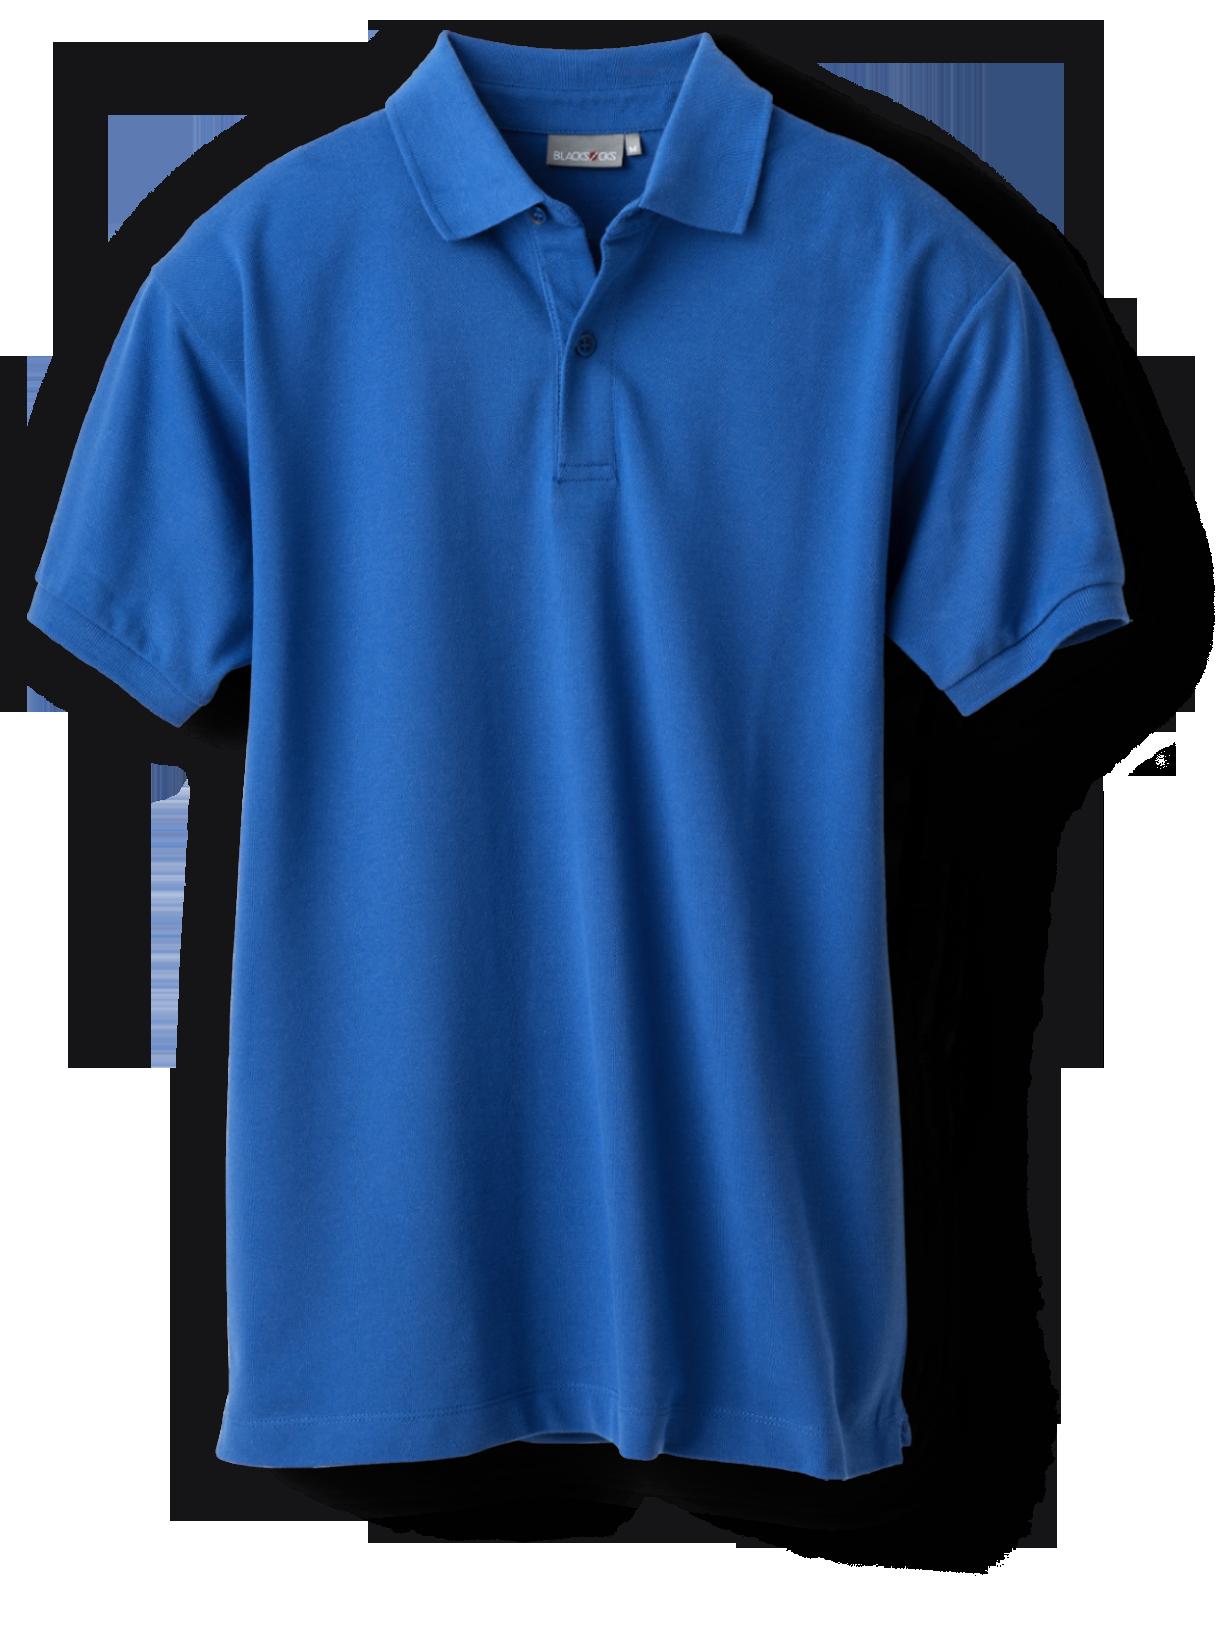 Poloshirt Pierrette – sportlich-elegant in den Frühling